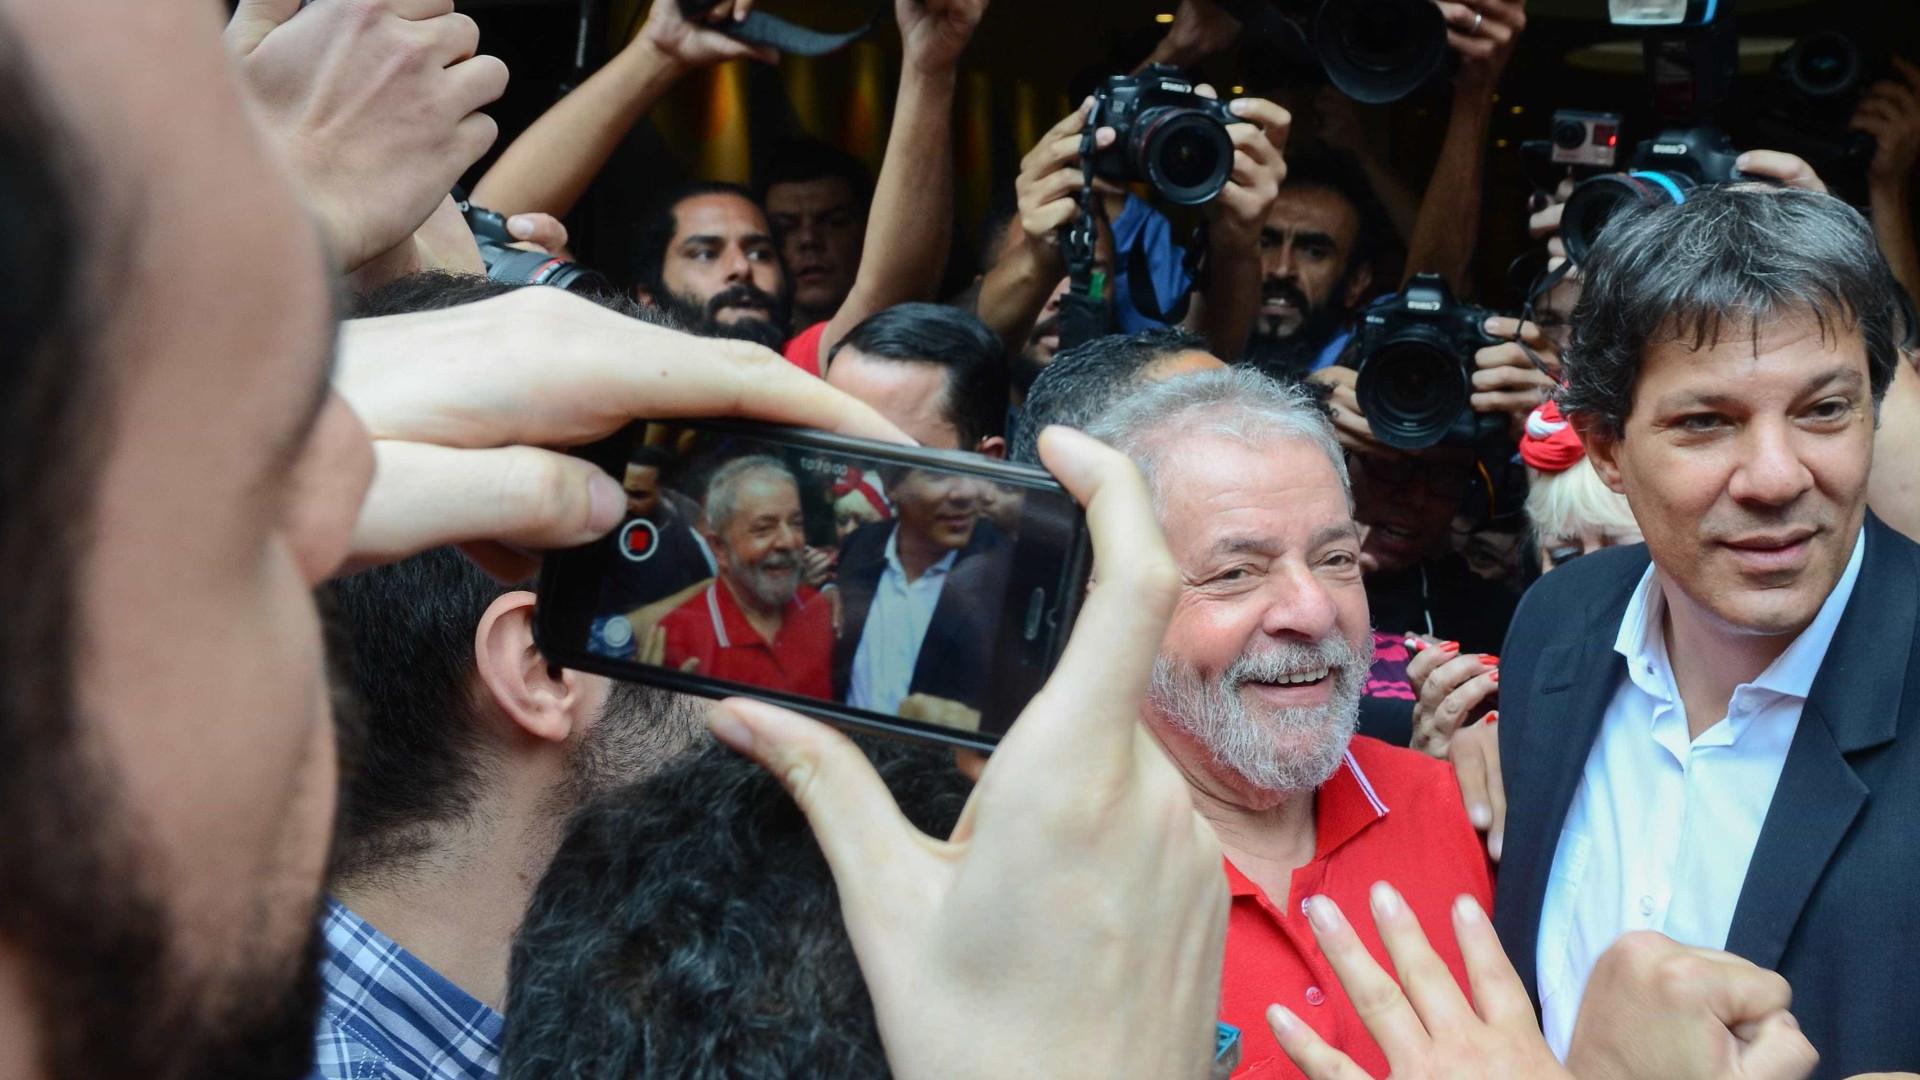 Indiciamento de Haddad atrapalha possível candidatura de Lula